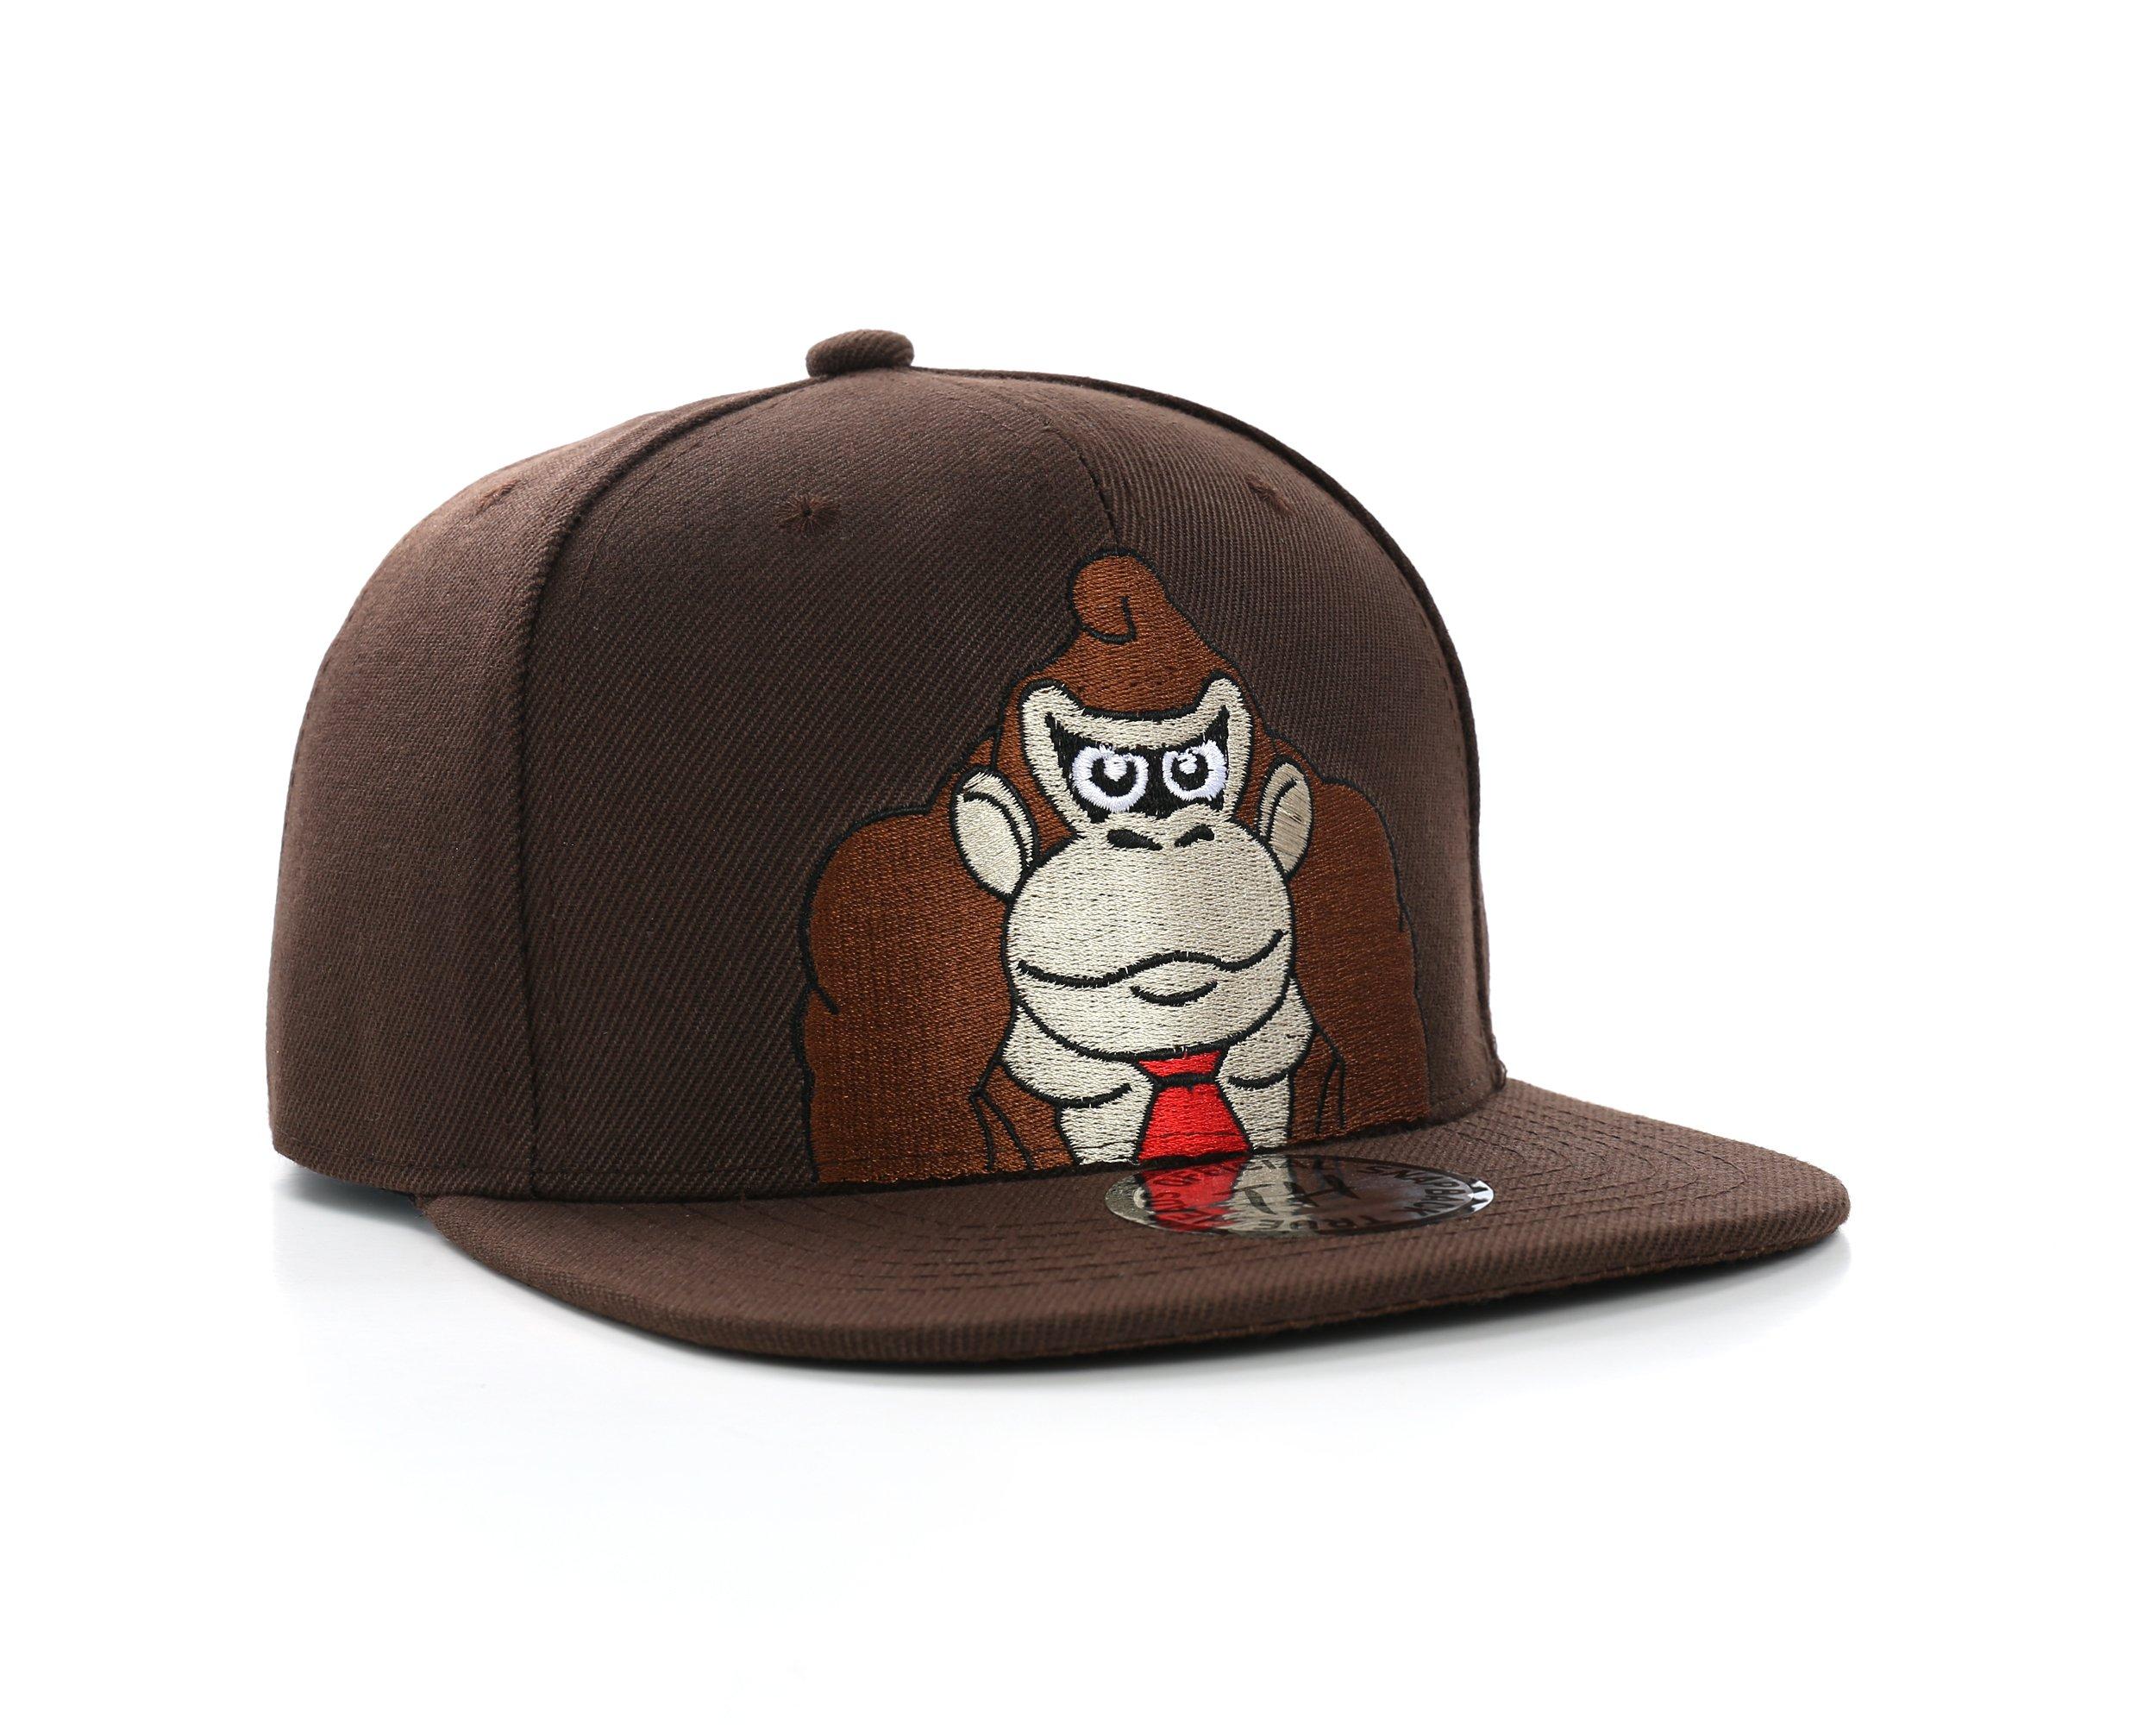 Donkey Kong Cap Donkey Kong Snapback Brown